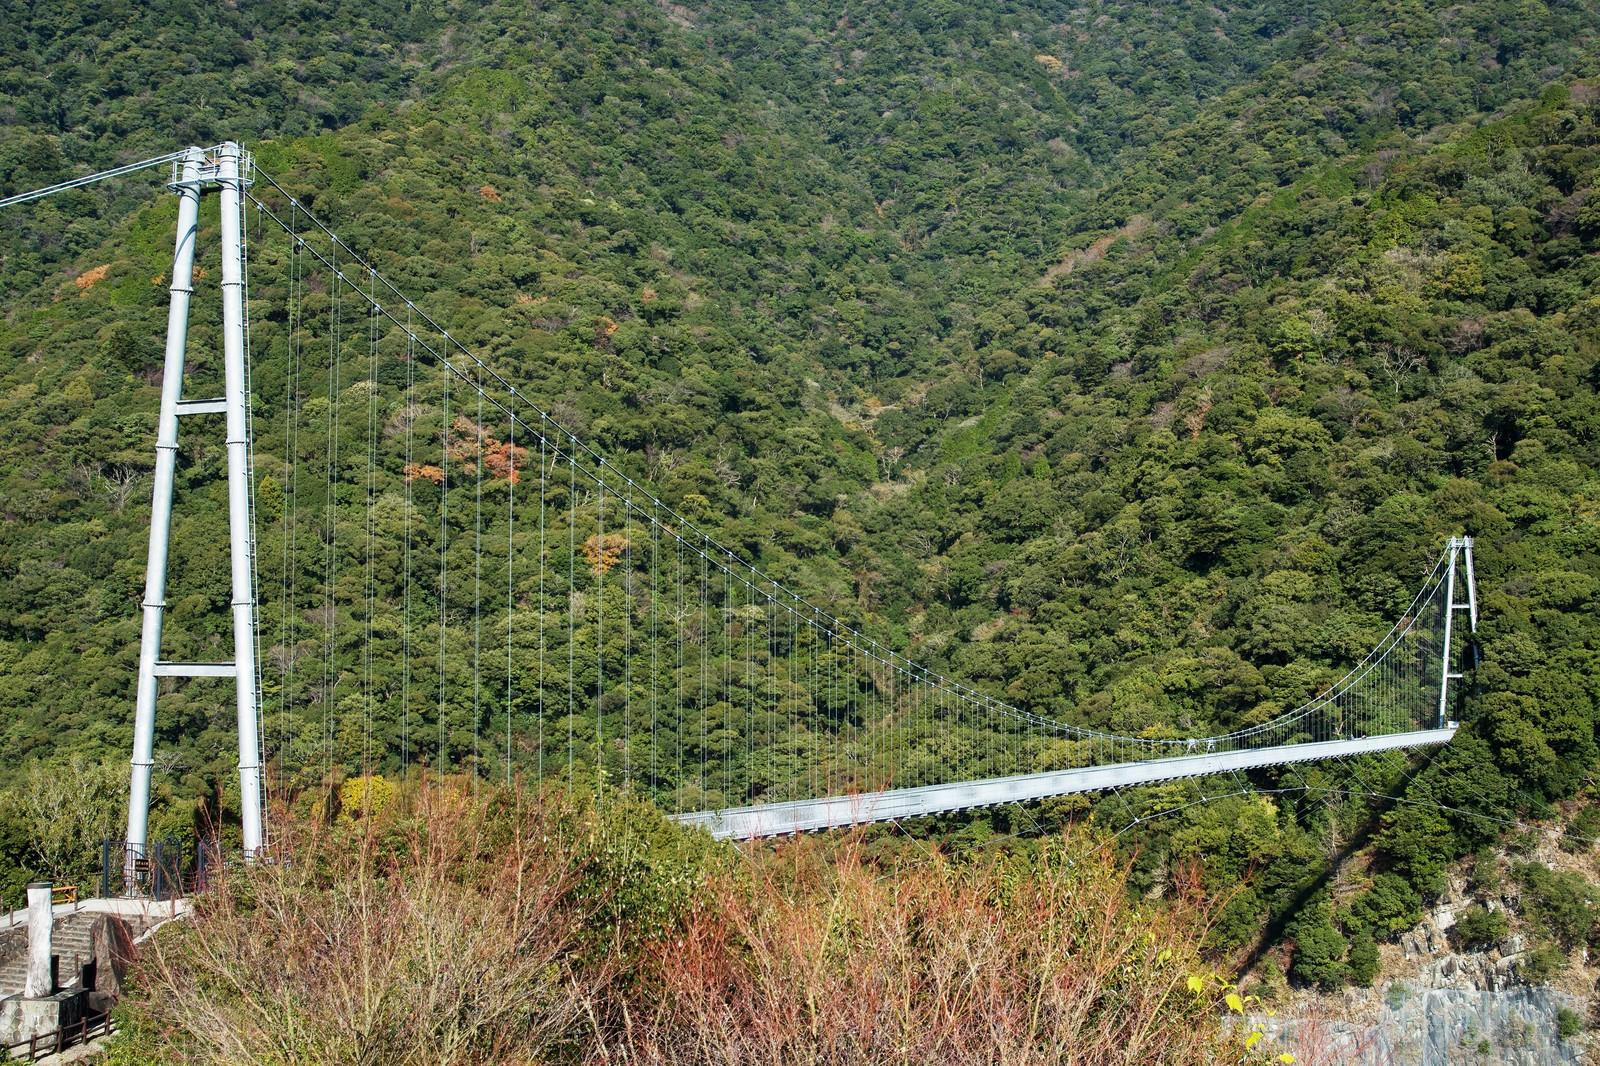 「照葉大吊橋(宮崎県東諸県郡綾町)」の写真